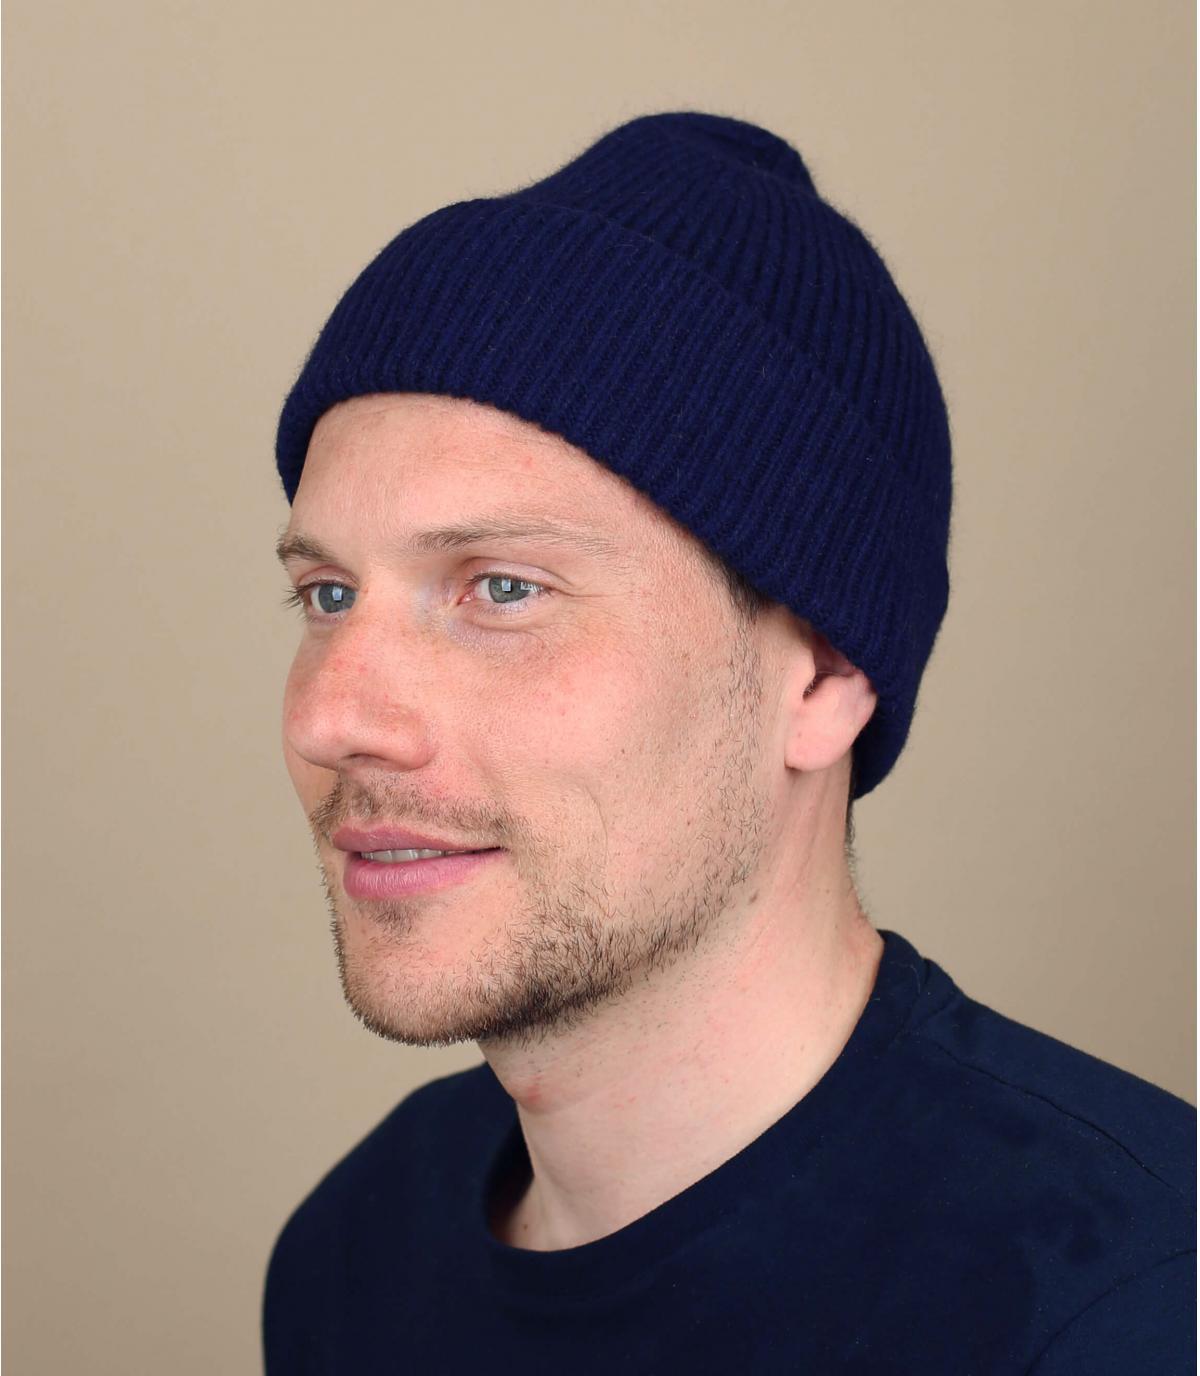 cappello bavero della marina angora